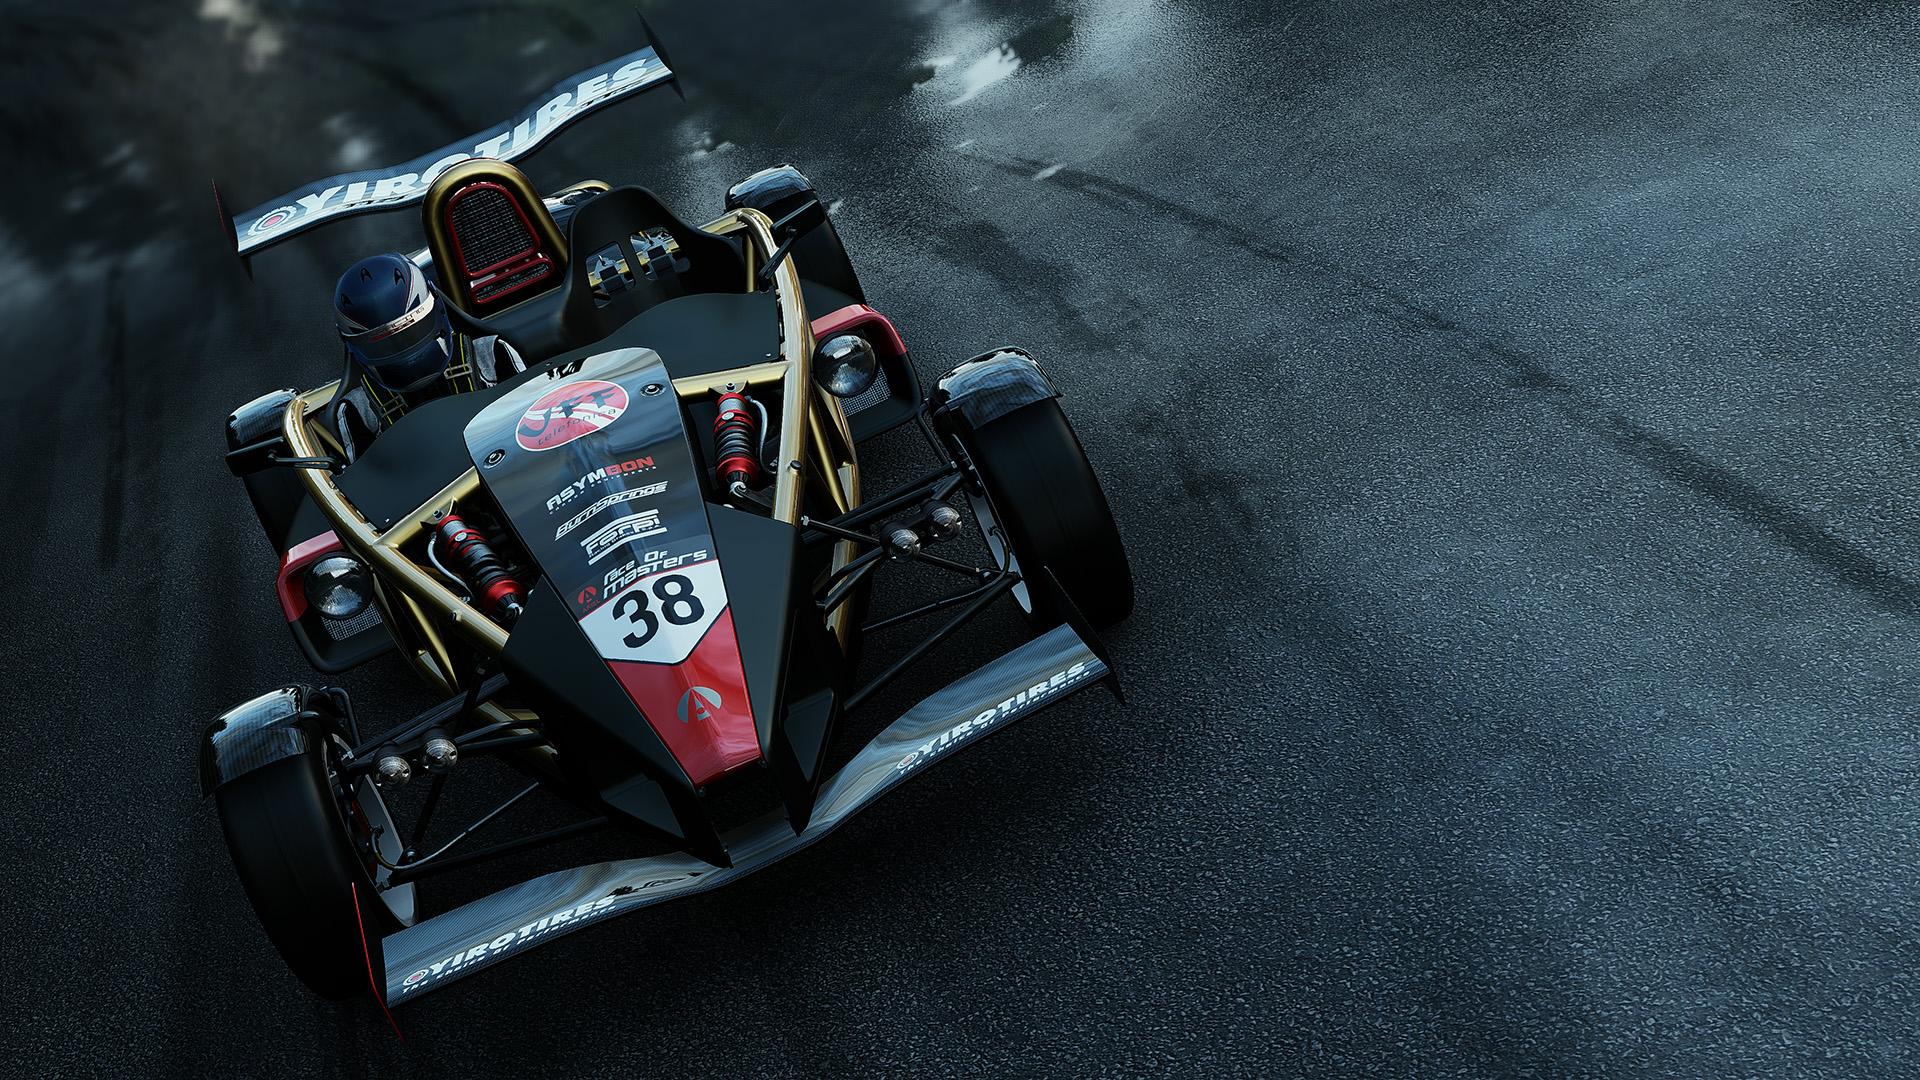 Pc gaming at 4k resolution gaming - Project cars 4k wallpaper ...